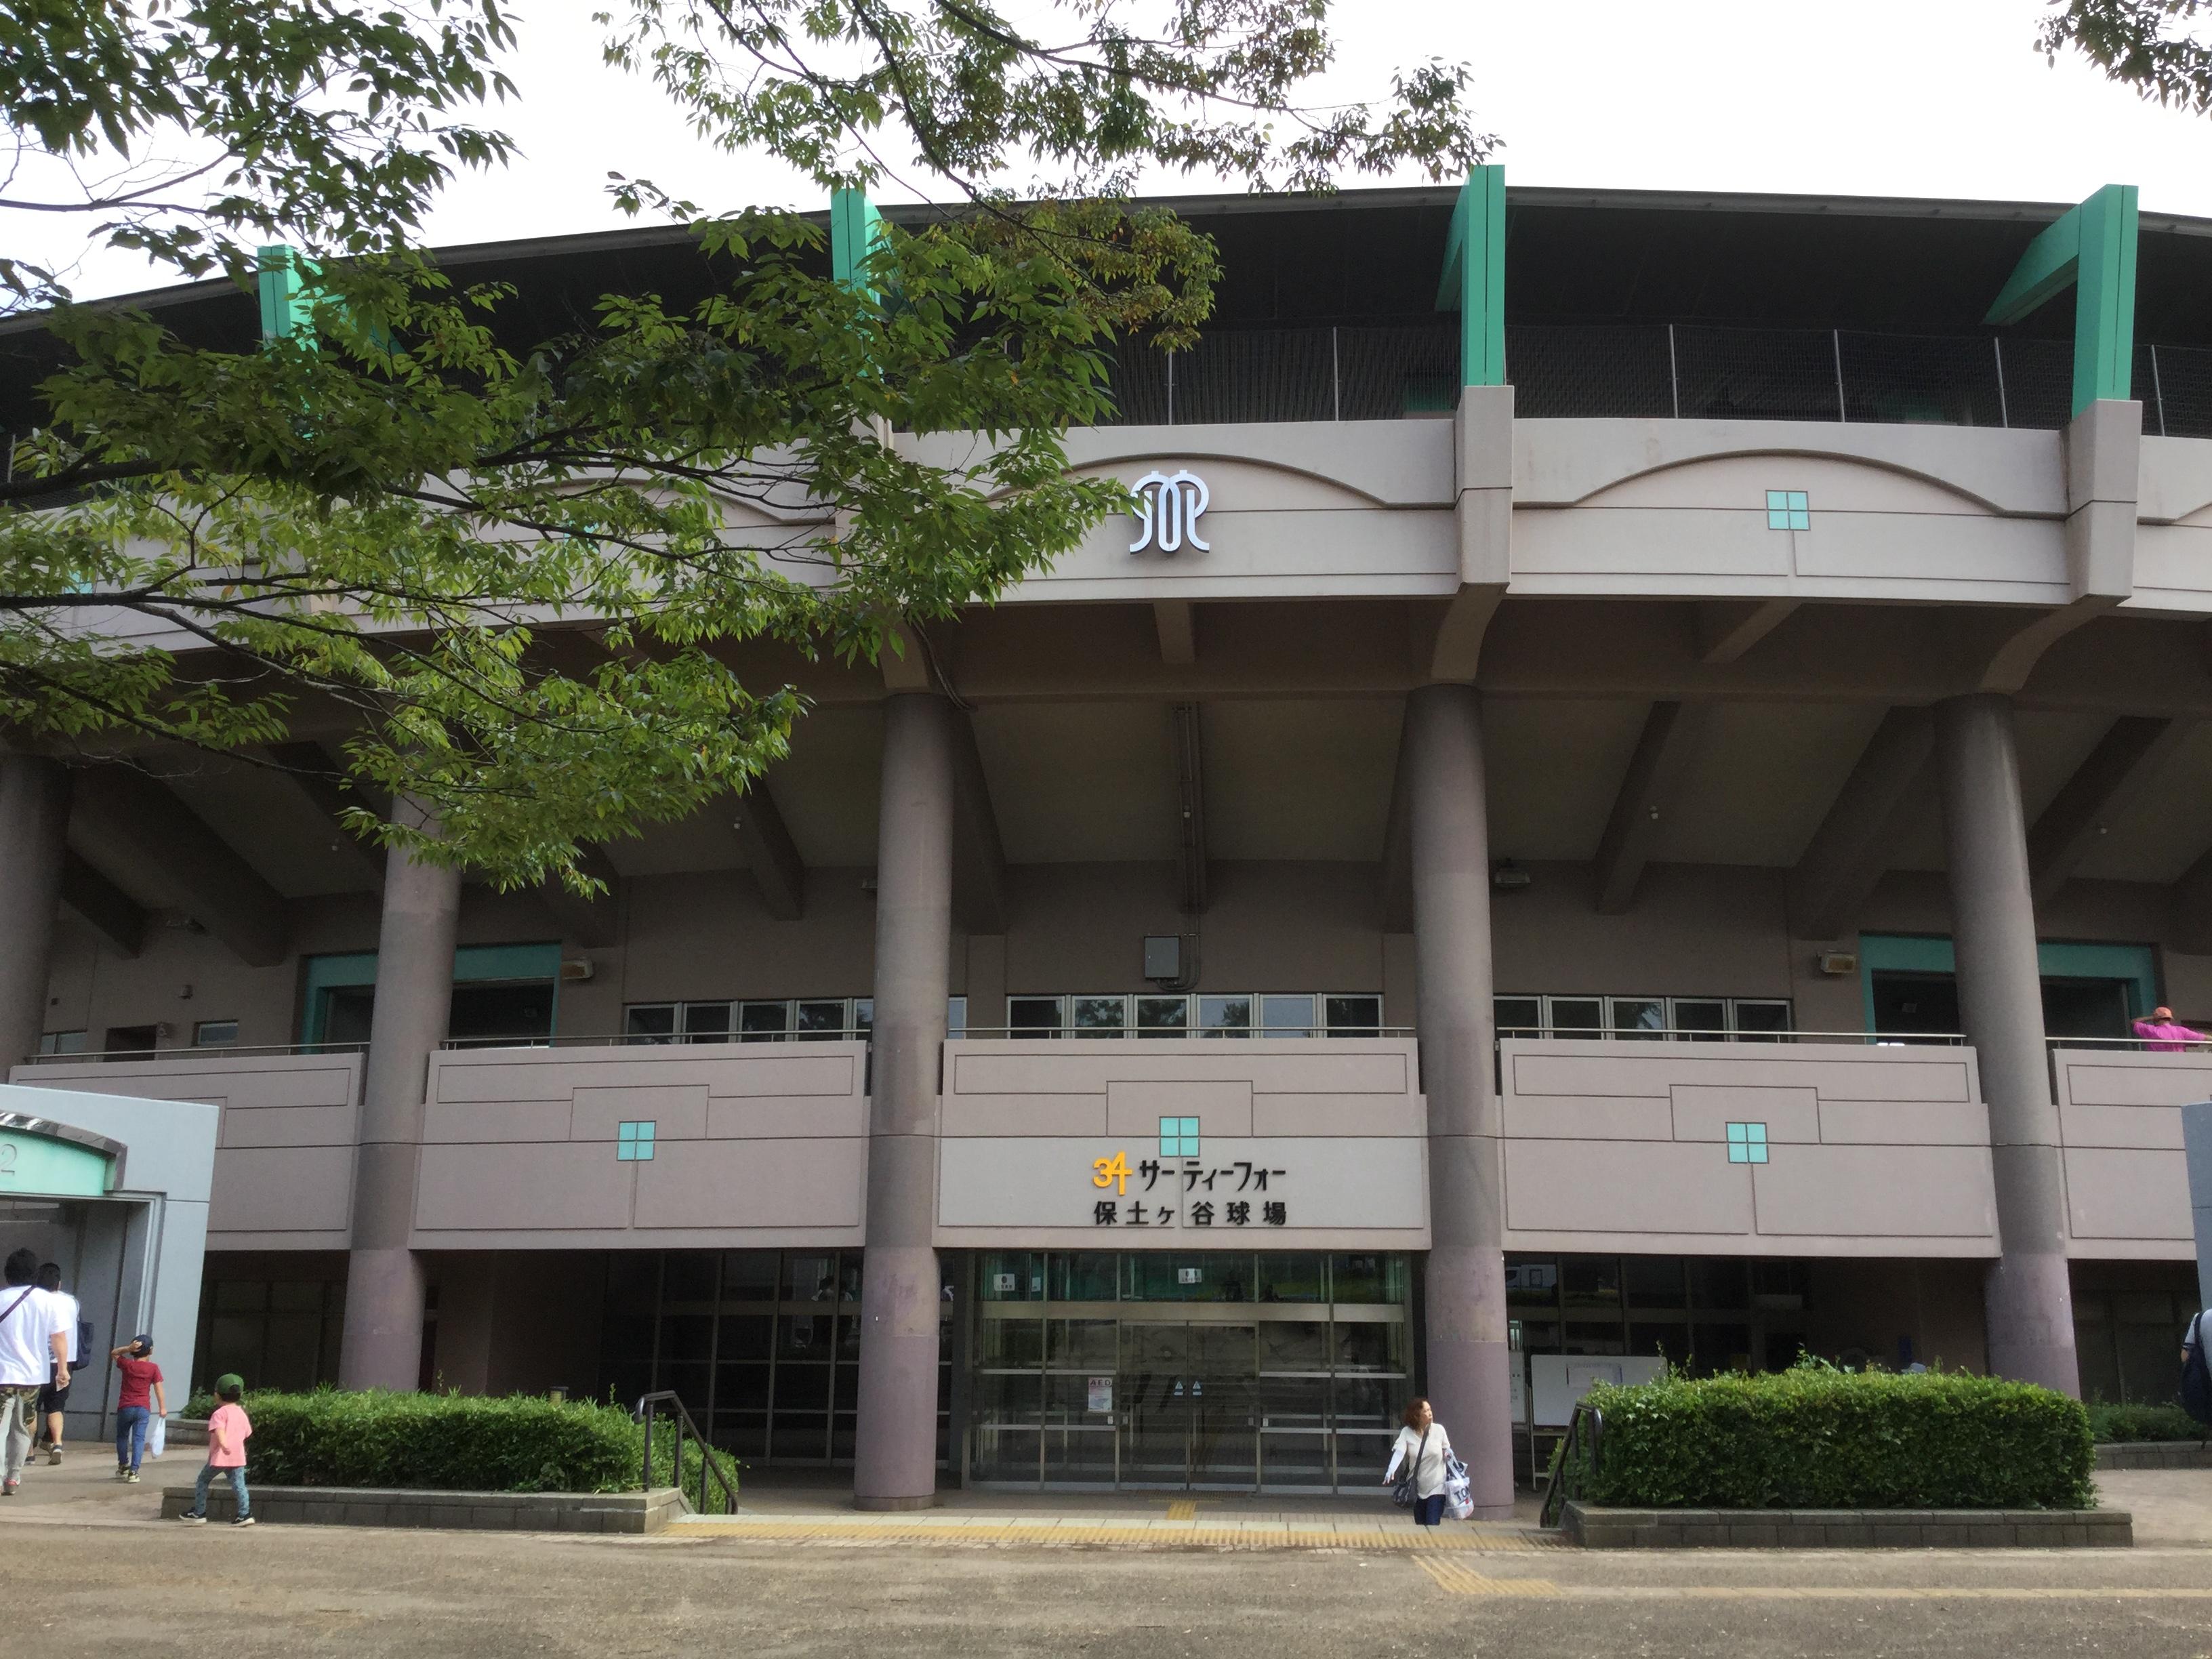 2019秋季神奈川県大会 横浜 神奈川工業